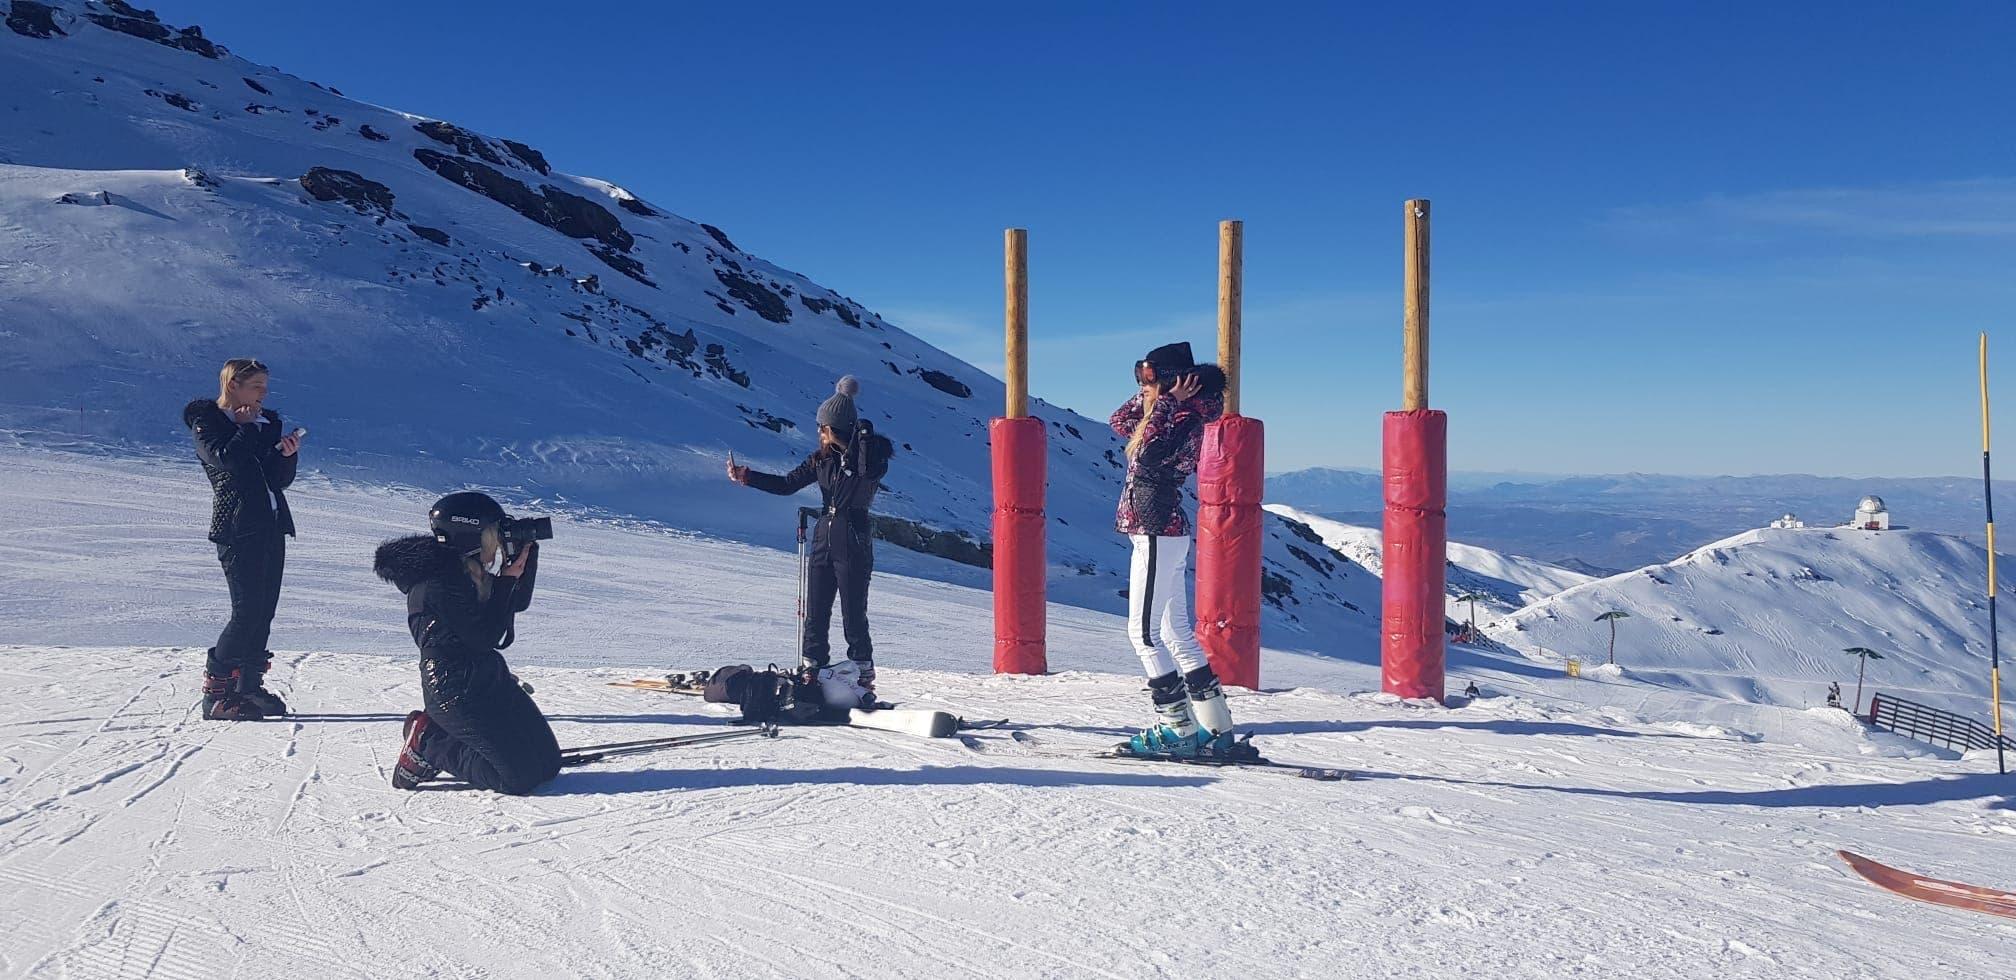 Models Ski